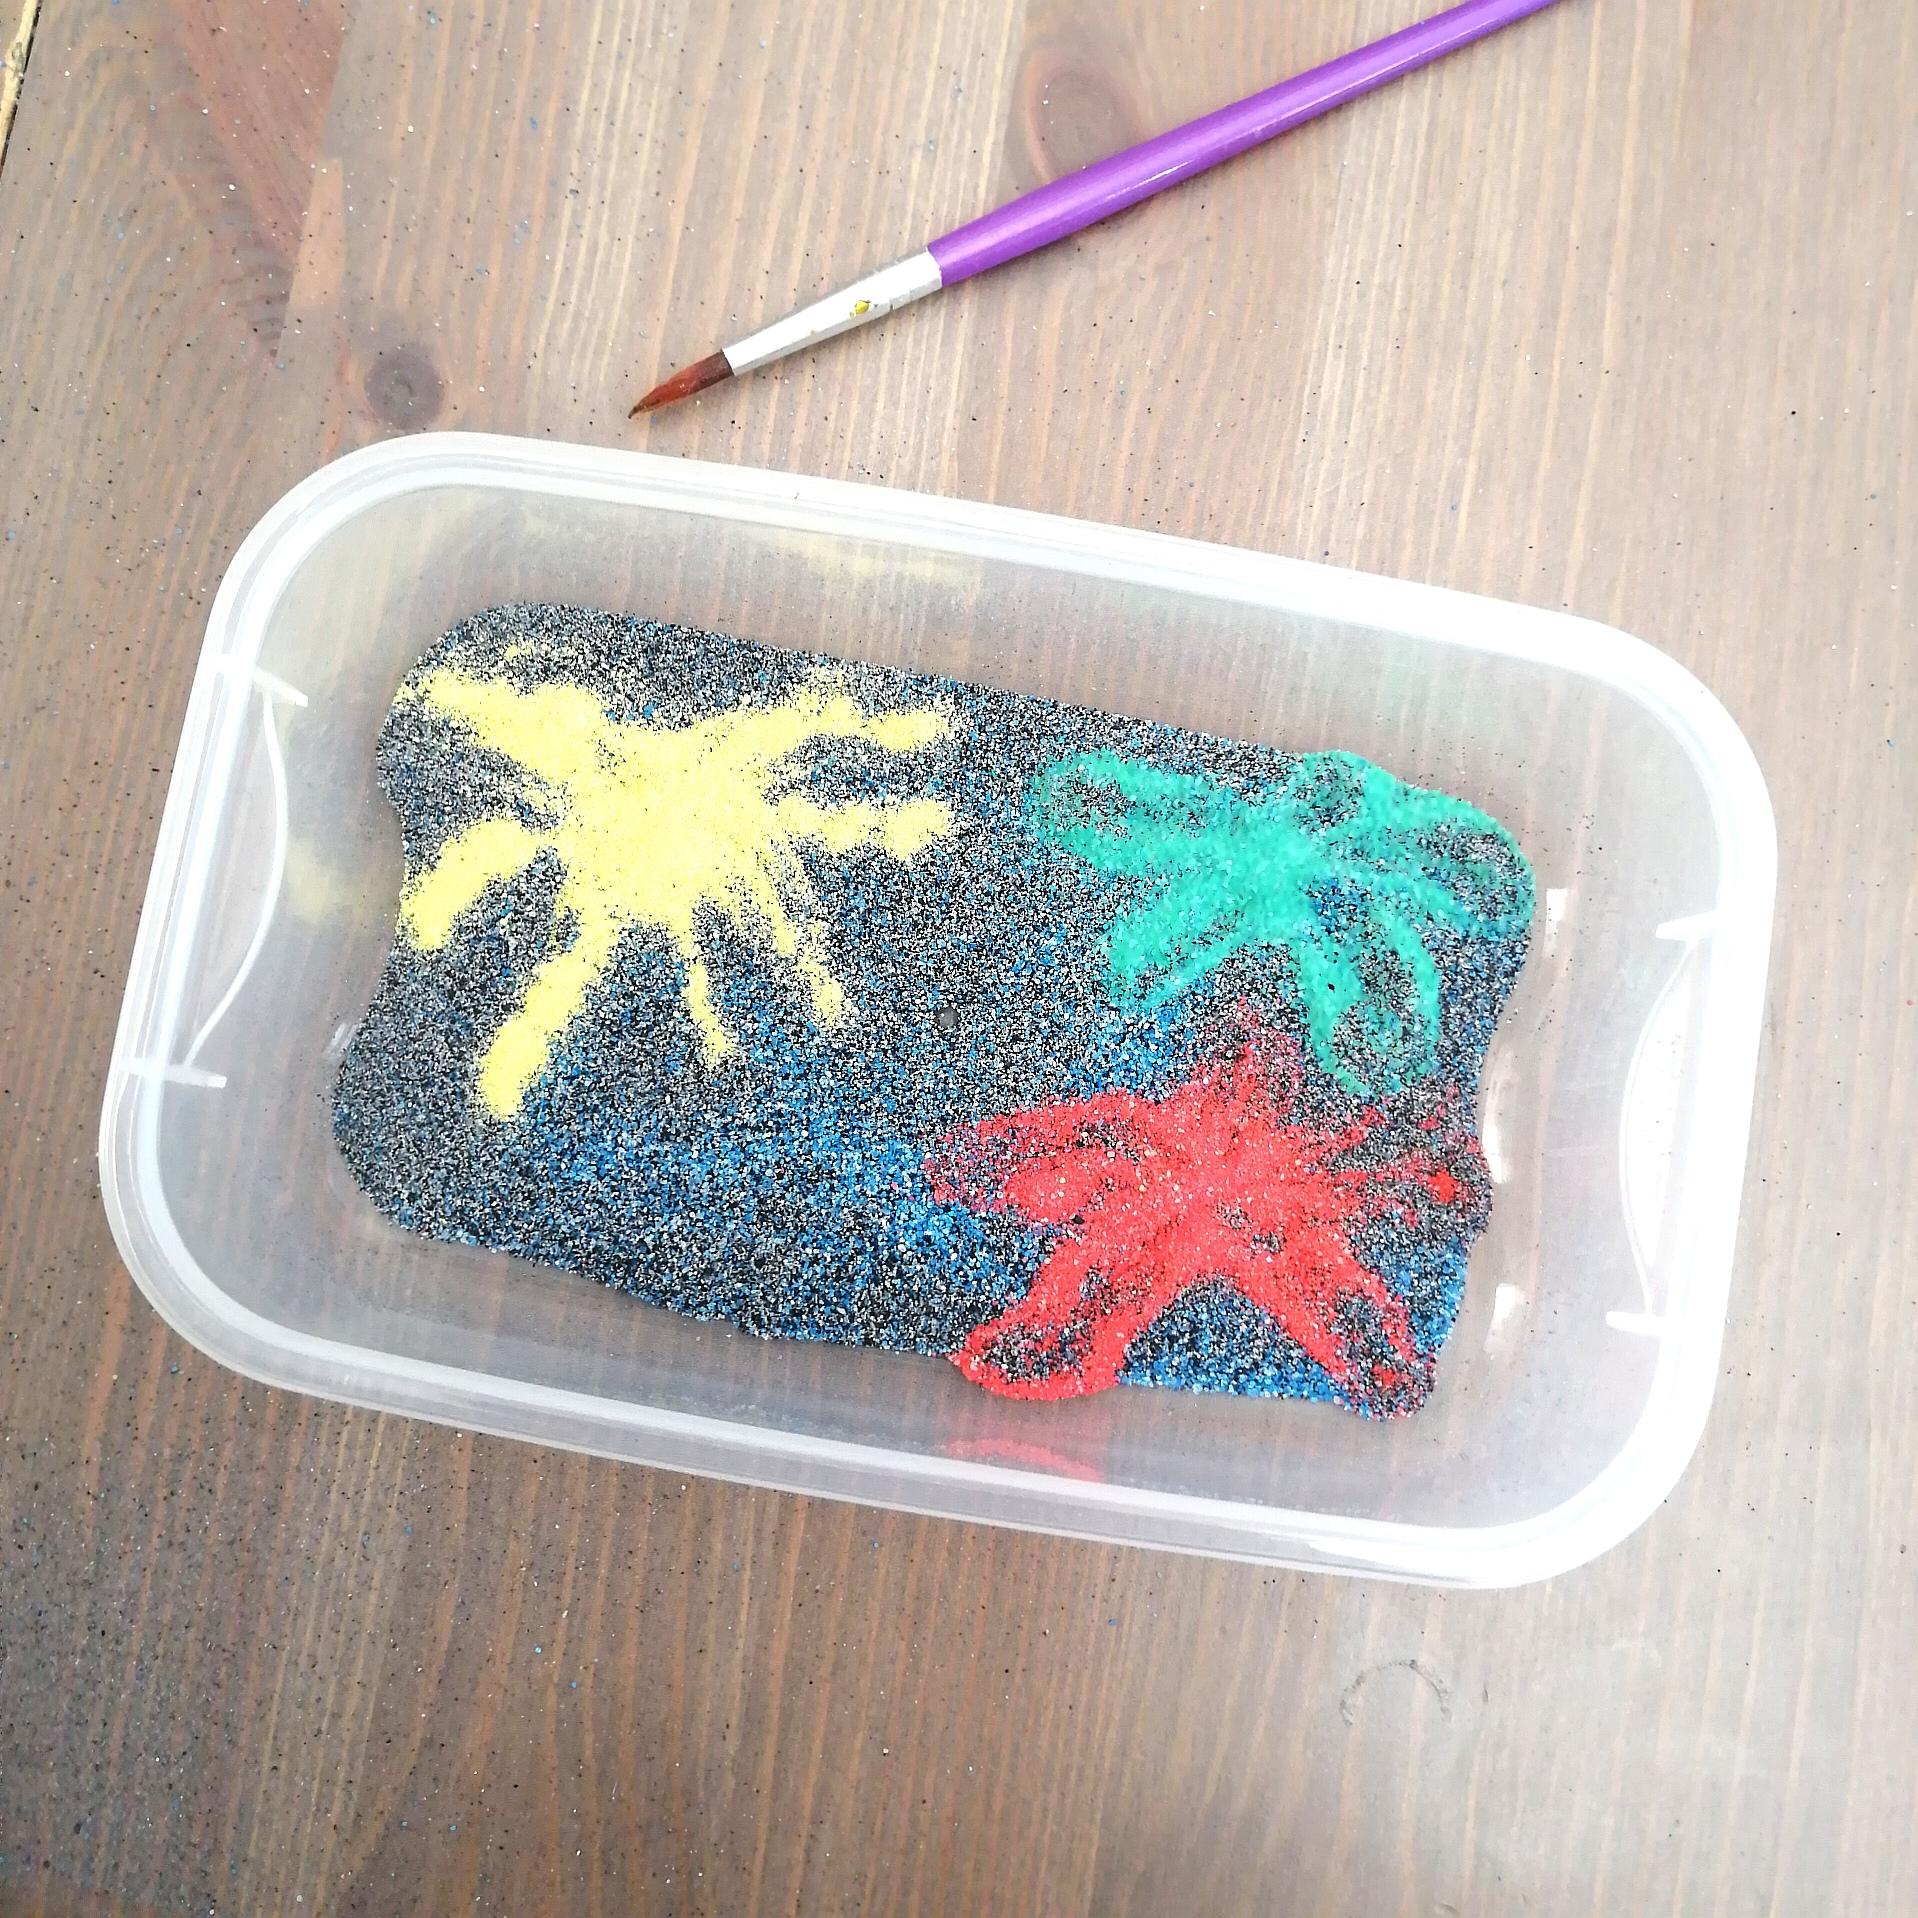 Bac sensoriel sable coloré et feu artifice - activité enfants 14 juillet - Fête nationale France